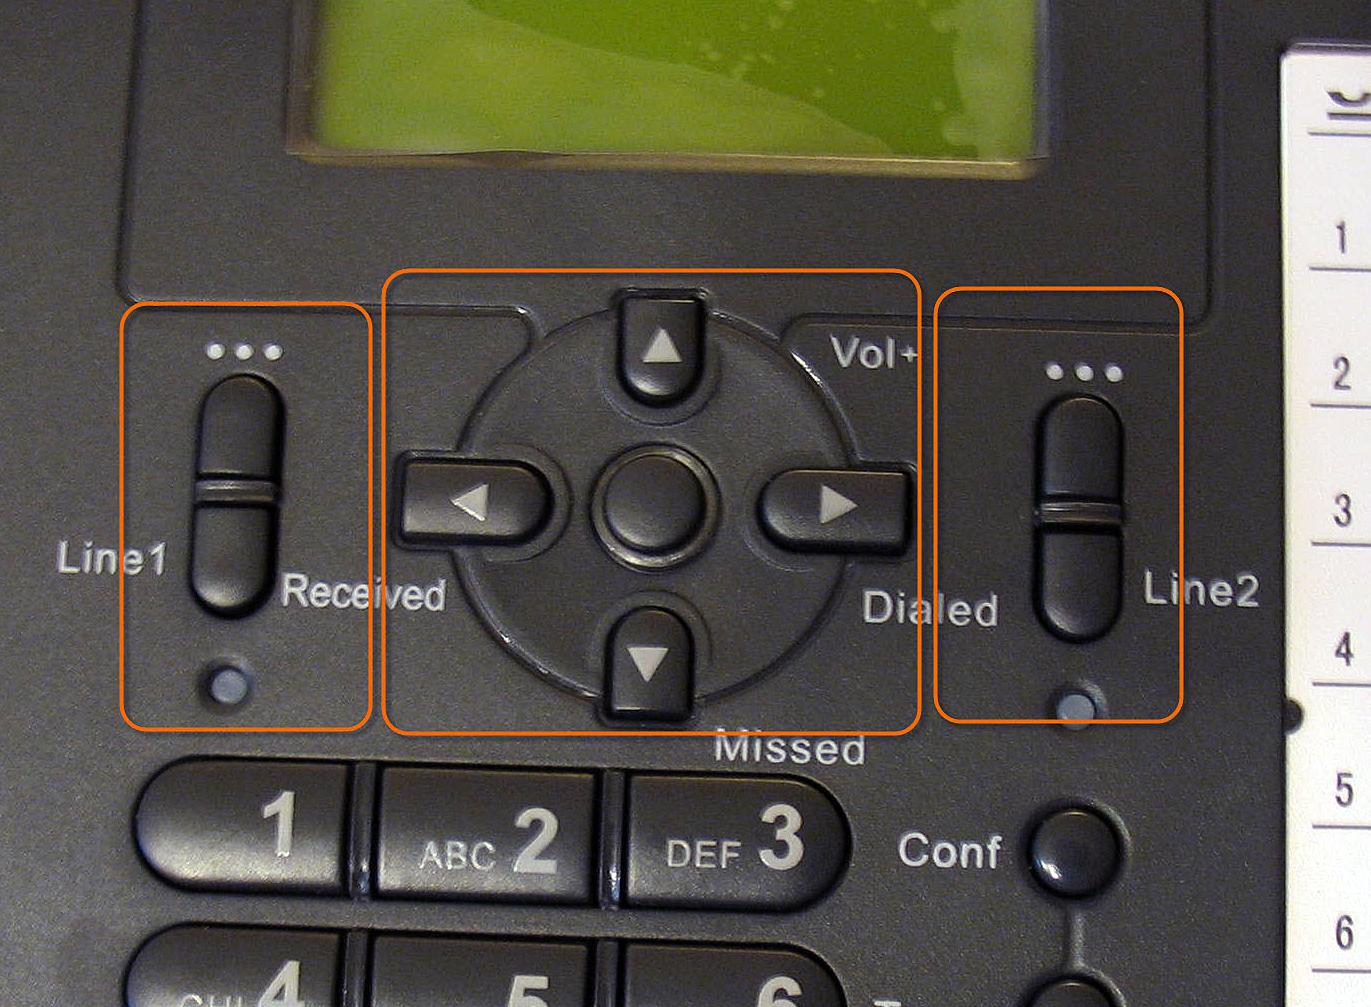 Кнопки навигации по меню и выбора линии